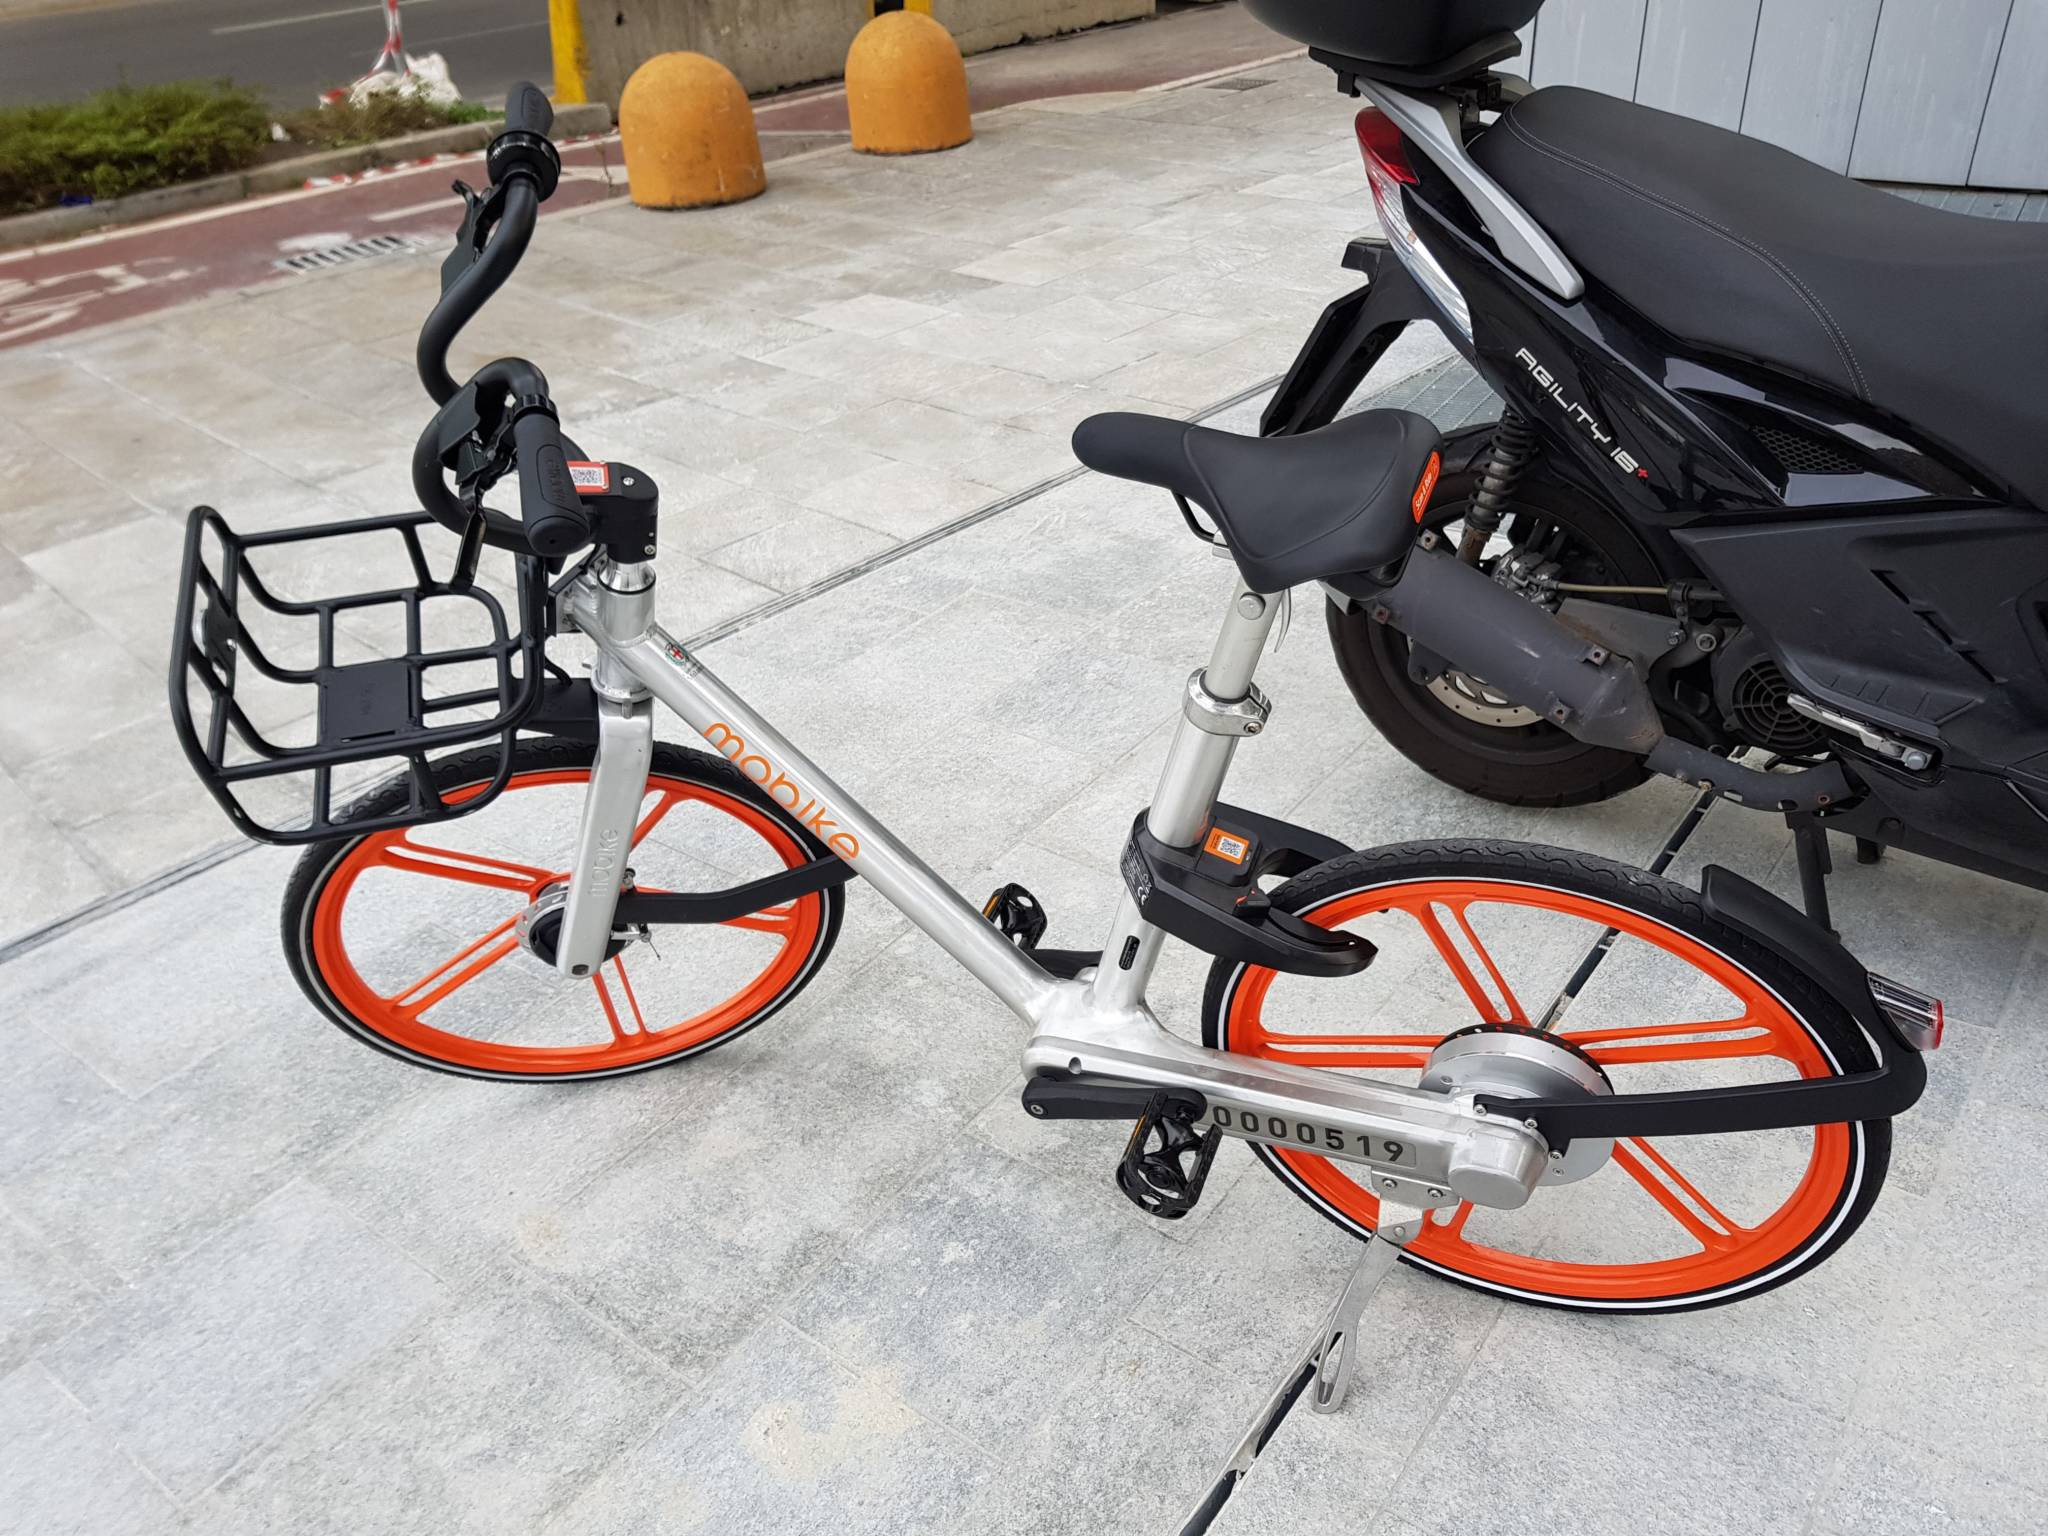 Mobike abbiamo provato il nuovo bike sharing di milano for Mobile milano bike sharing